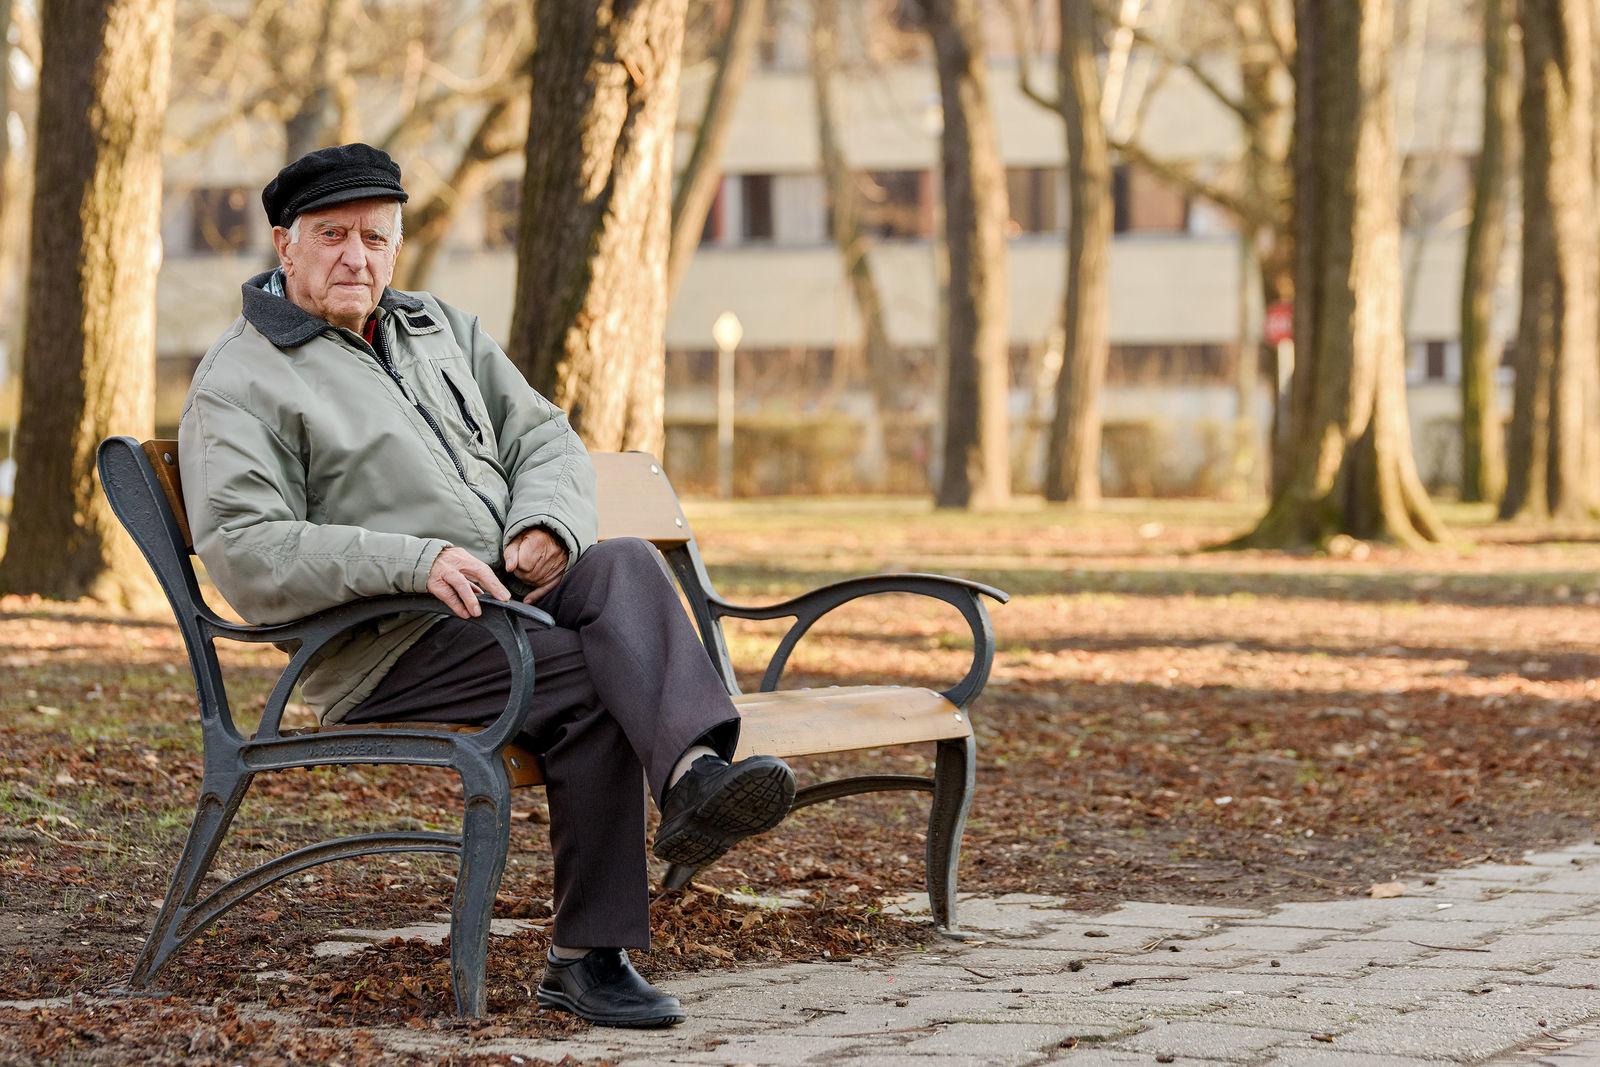 Erdész hivatás egy életen át - 68 éve az Országos Erdészeti Egyesületben